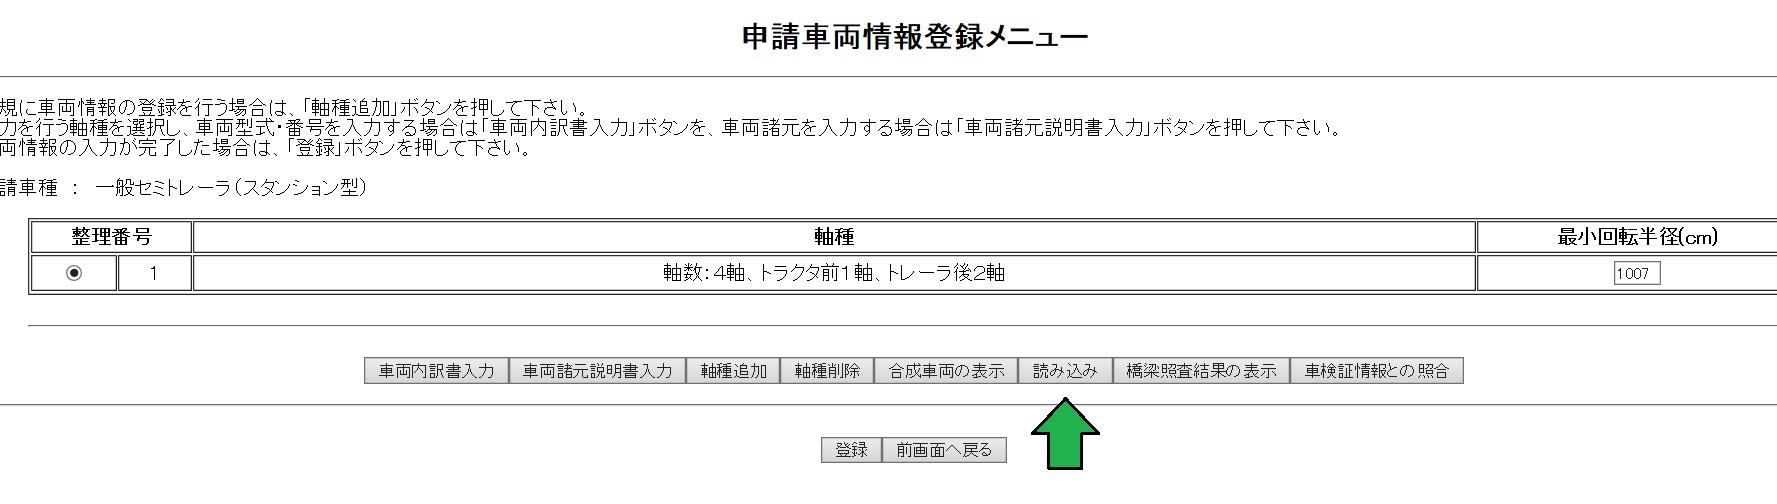 車両情報登録